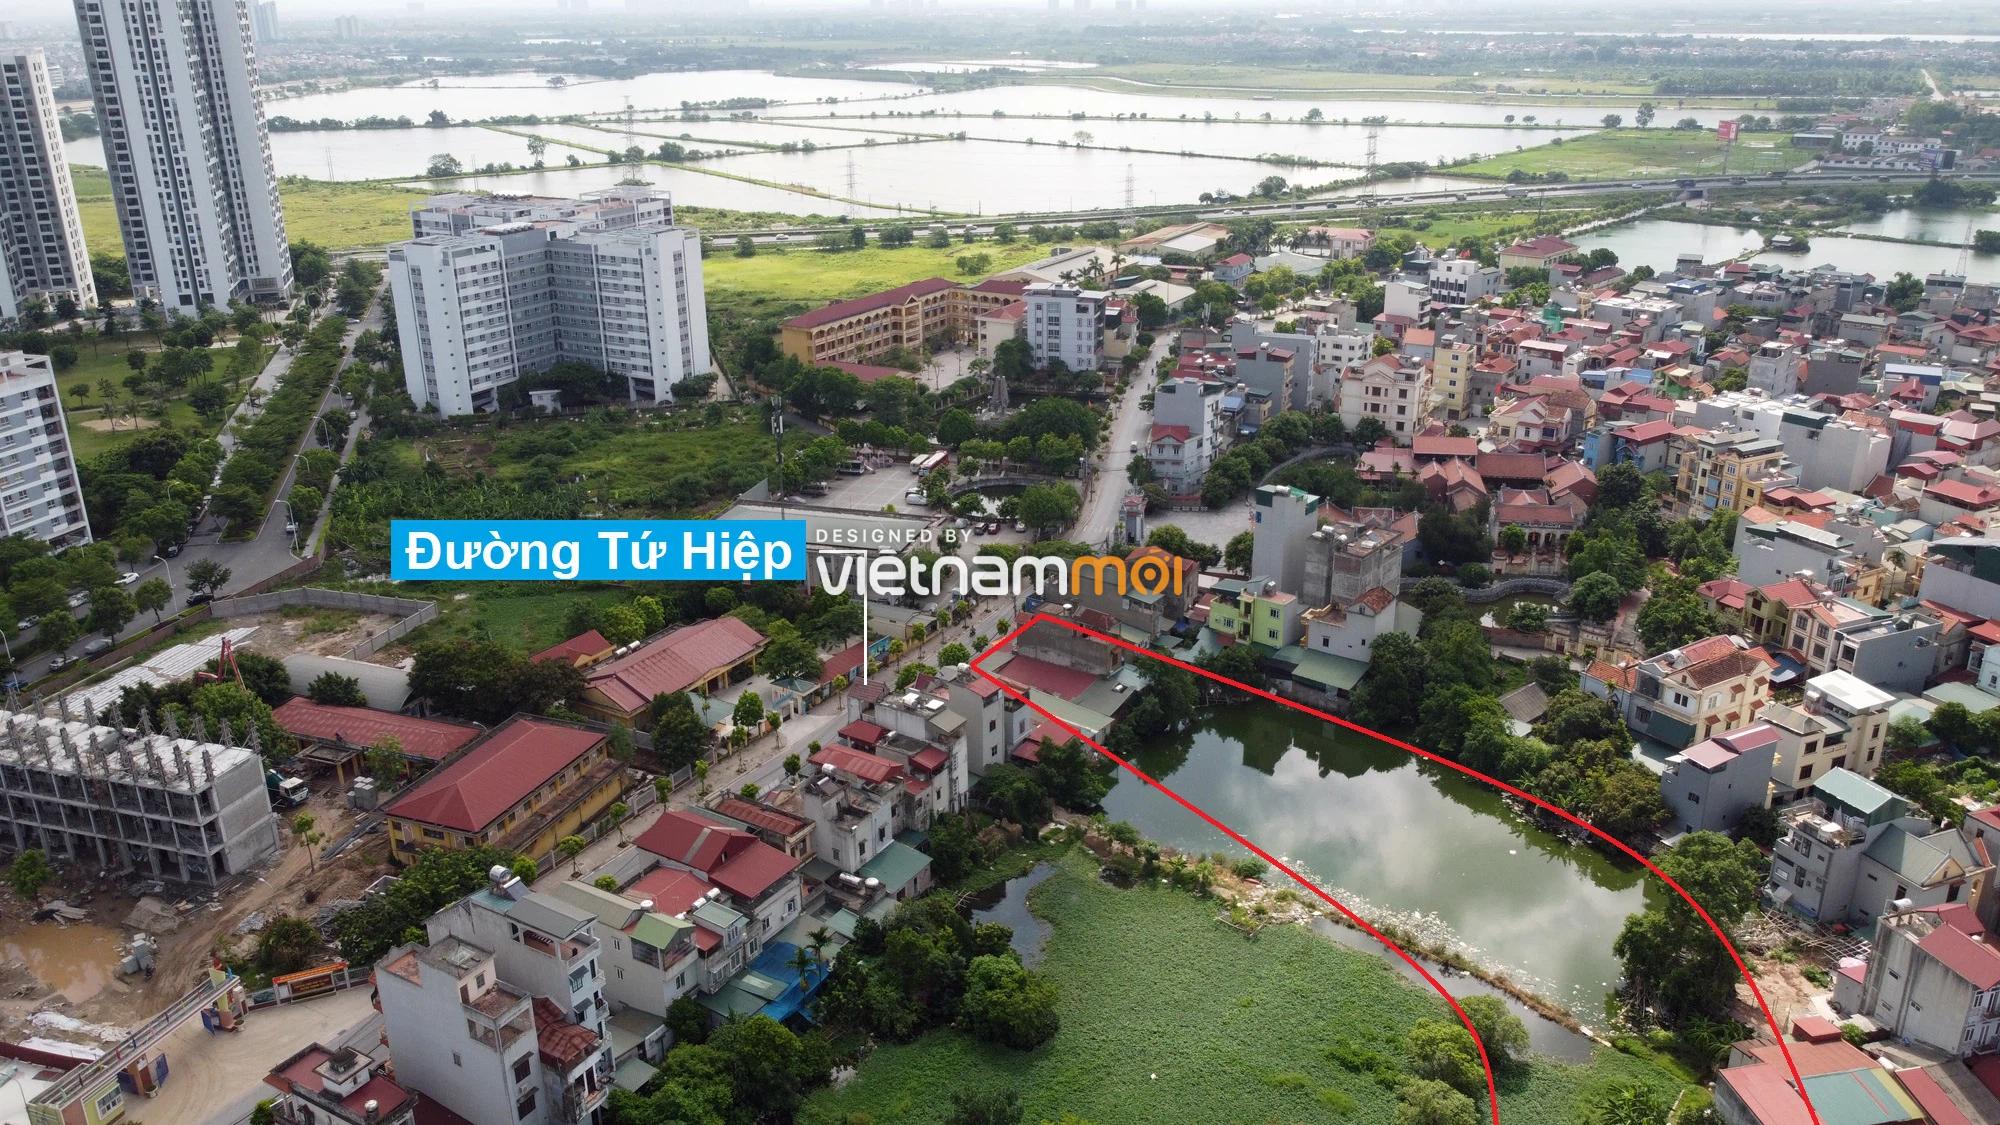 Những khu đất sắp thu hồi để mở đường ở xã Tứ Hiệp, Thanh Trì, Hà Nội (phần 2) - Ảnh 3.